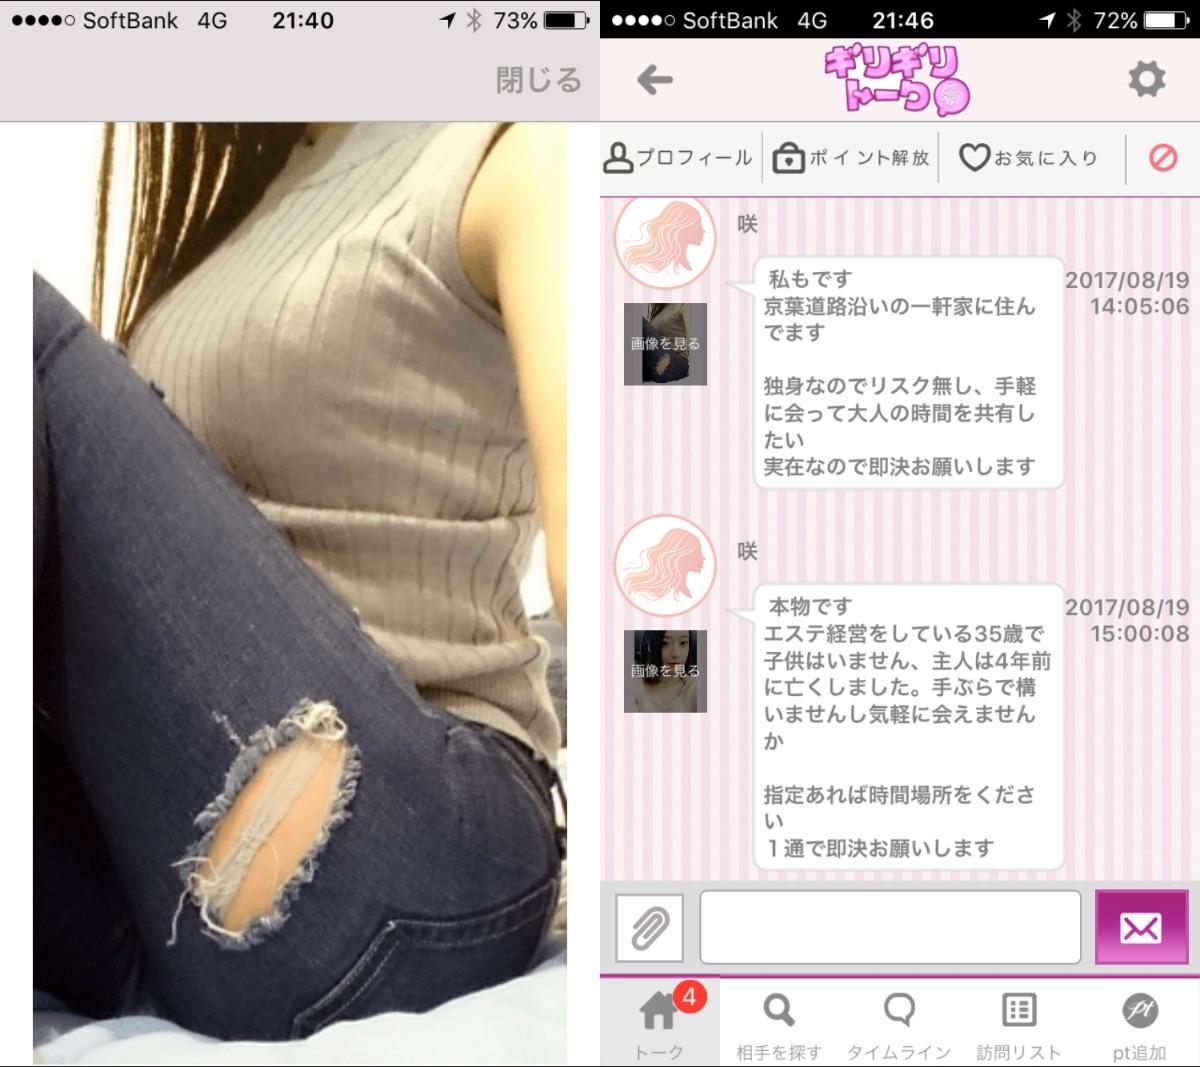 悪質出会い系アプリ「ギリギリトーク」サクラの咲